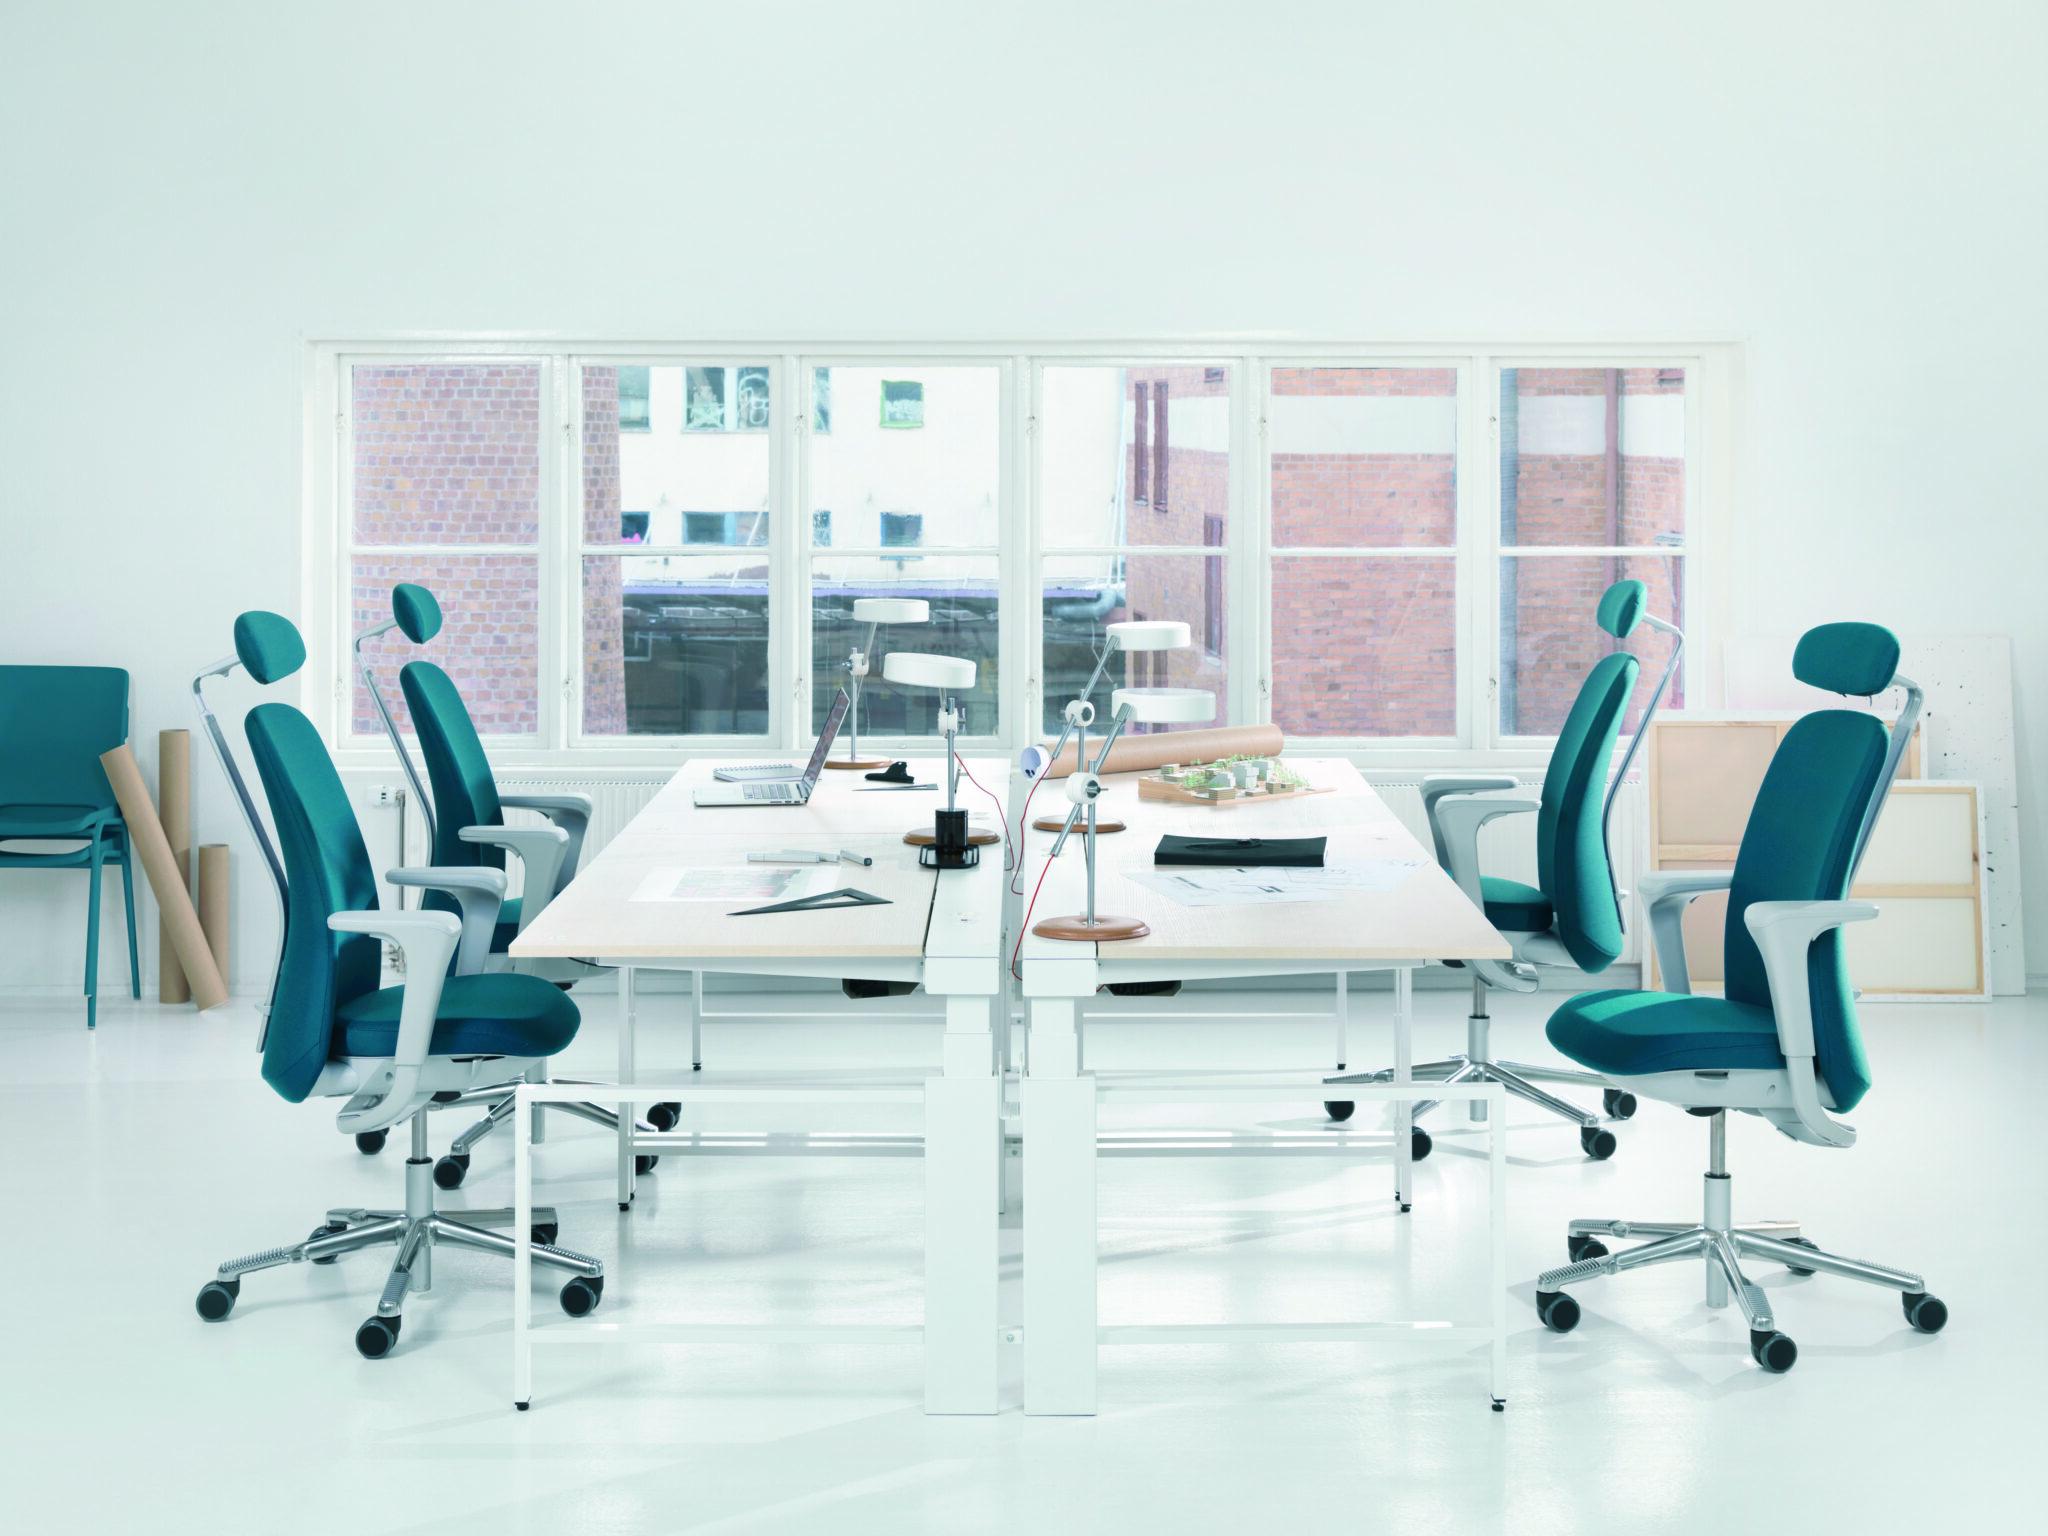 HAG kantoormeubilair capisco Heering Office Den Haag